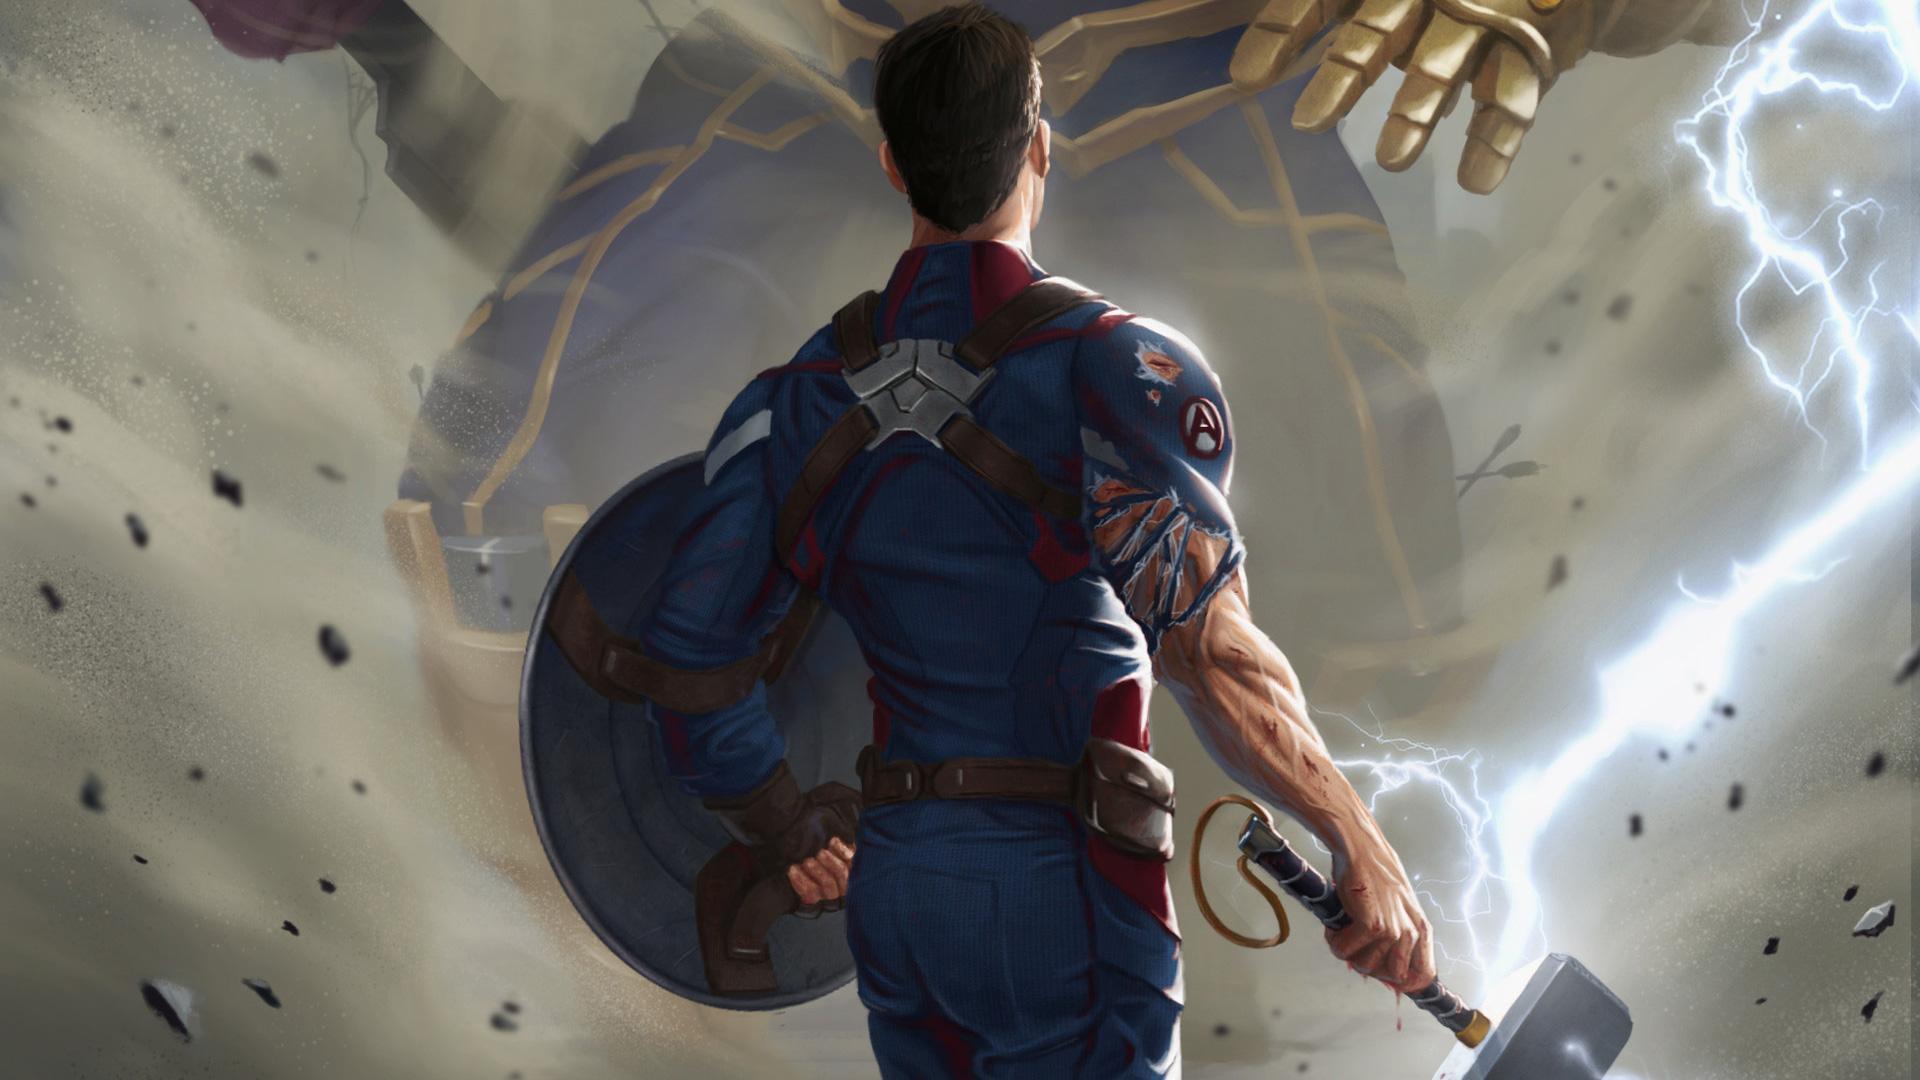 Steam Workshop :: Avengers: EndGame Captain America [spoiler]